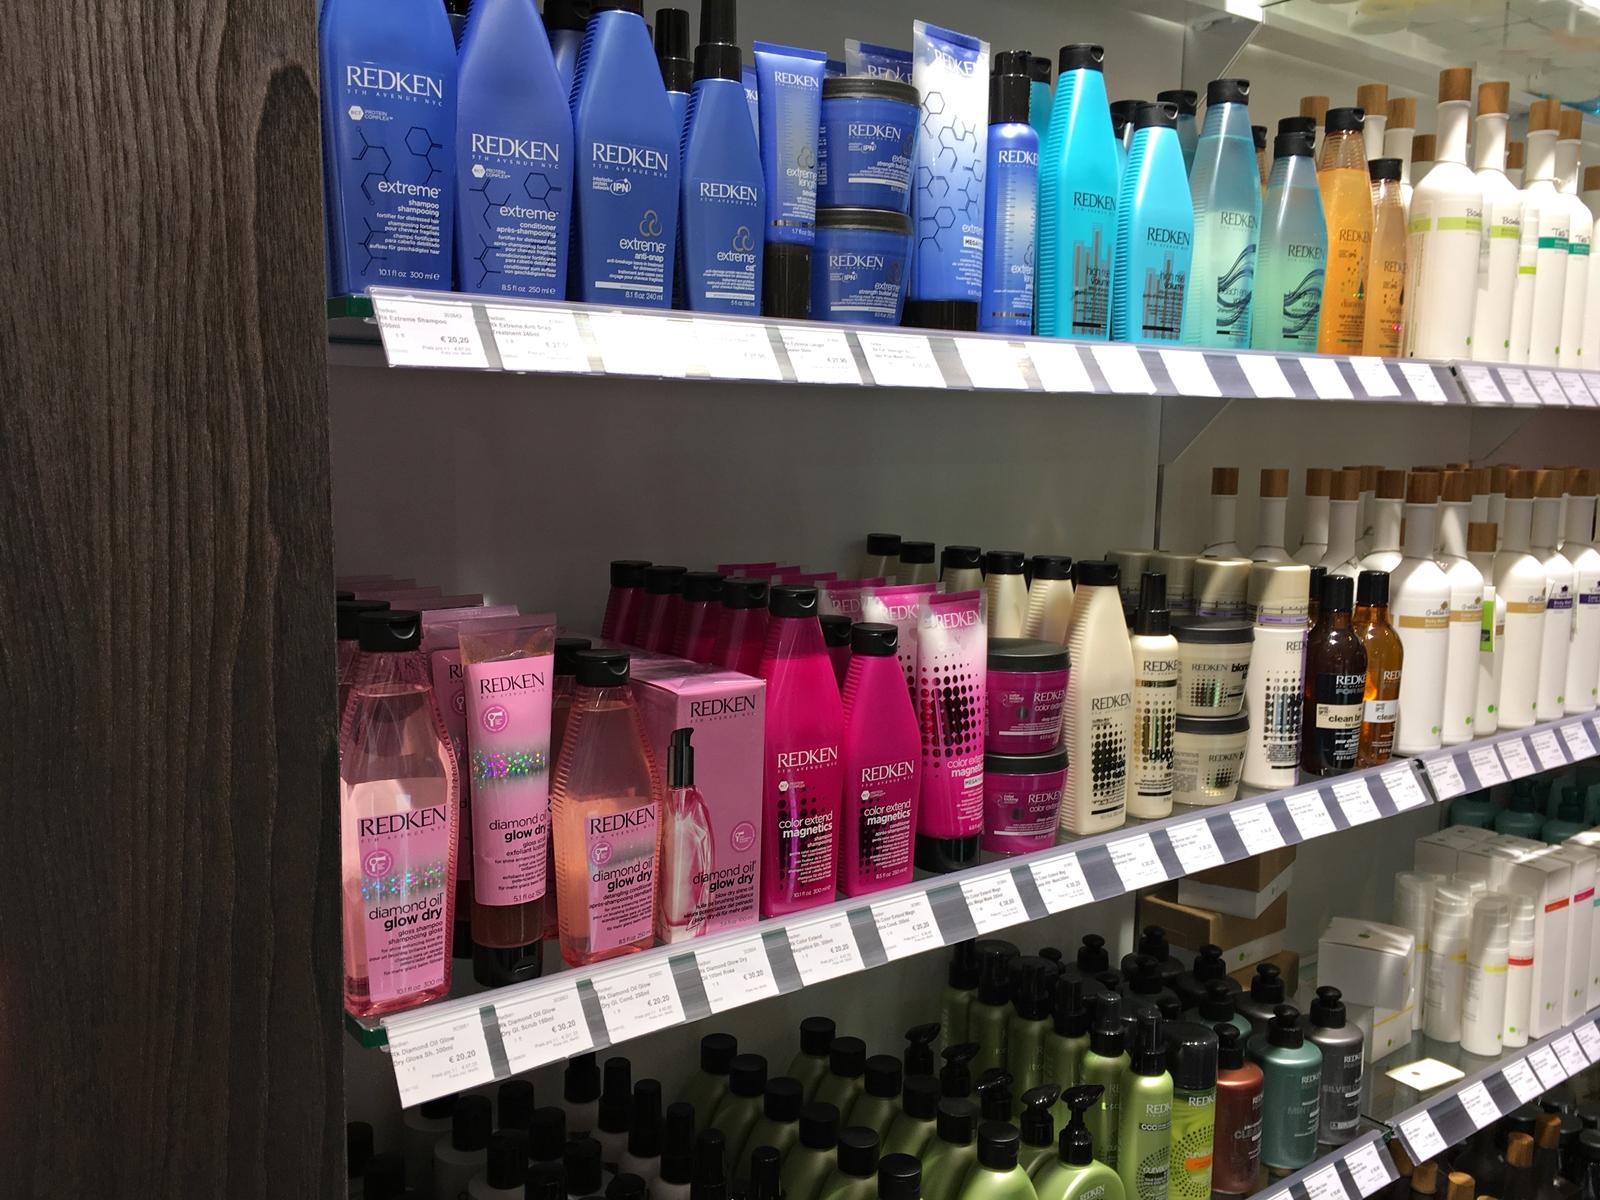 Hair Trader Eröffnung Donau Zentrum Wien - Beauty Concept Store - Brüder Raitz - Roma Friseurbedarf - Pflege - Fashionladyloves by Tamara Wagner - Lifestyleblog